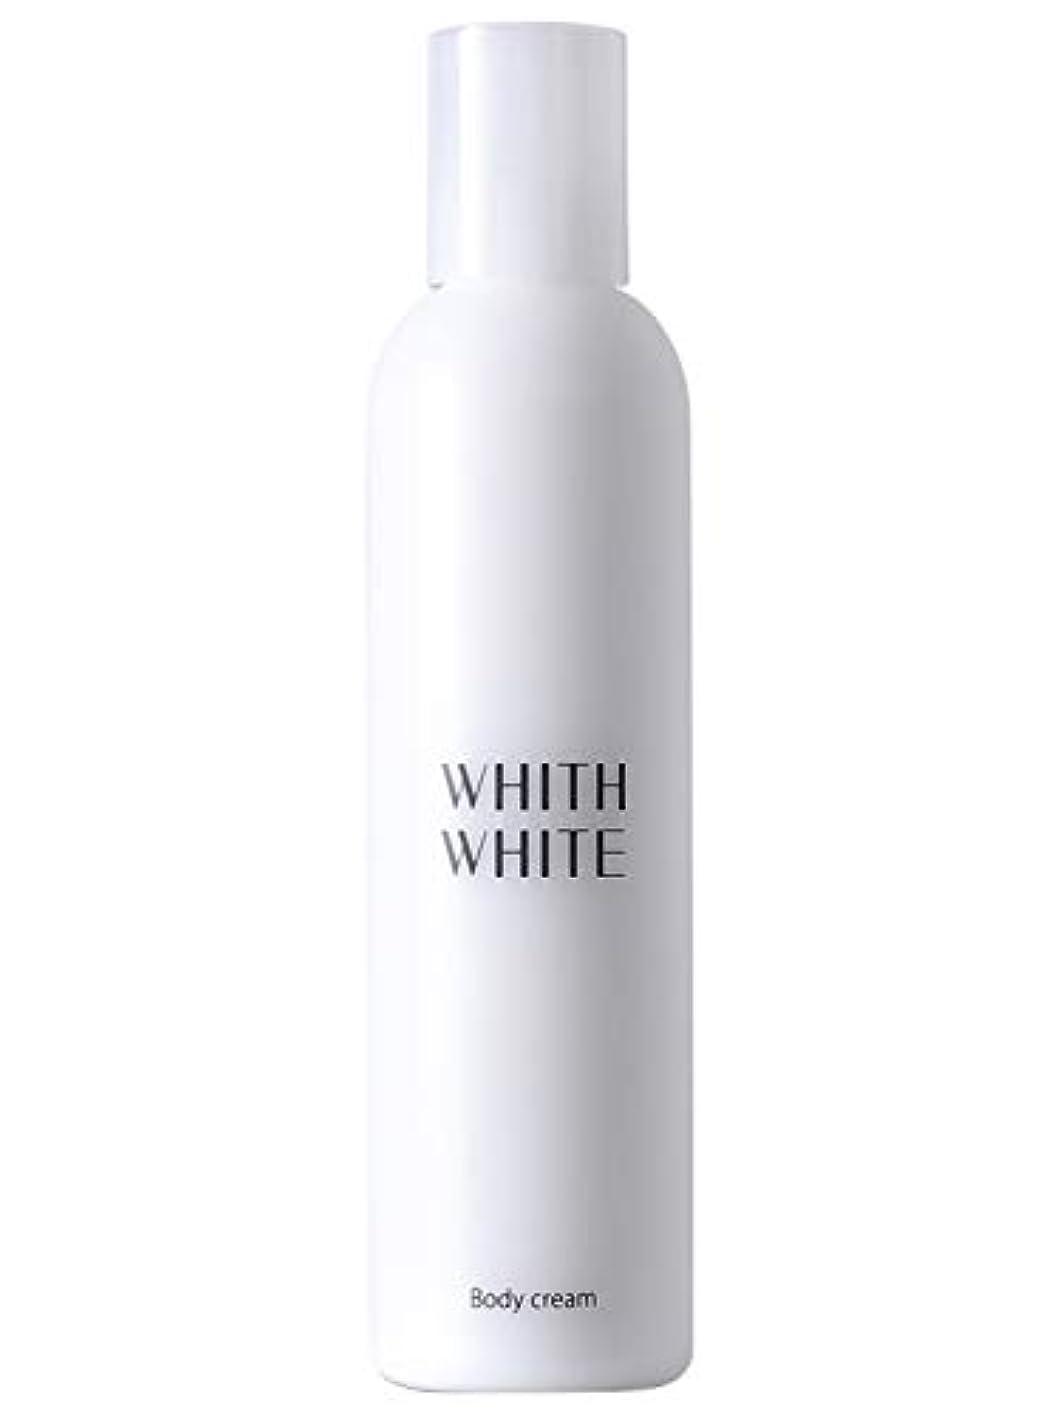 爆発物絶妙ポジティブフィス ホワイト 保湿 ボディクリーム 「顔 かかと 全身 乾燥肌 しみ くすみ 用 エモリエント 保湿クリーム 」200g